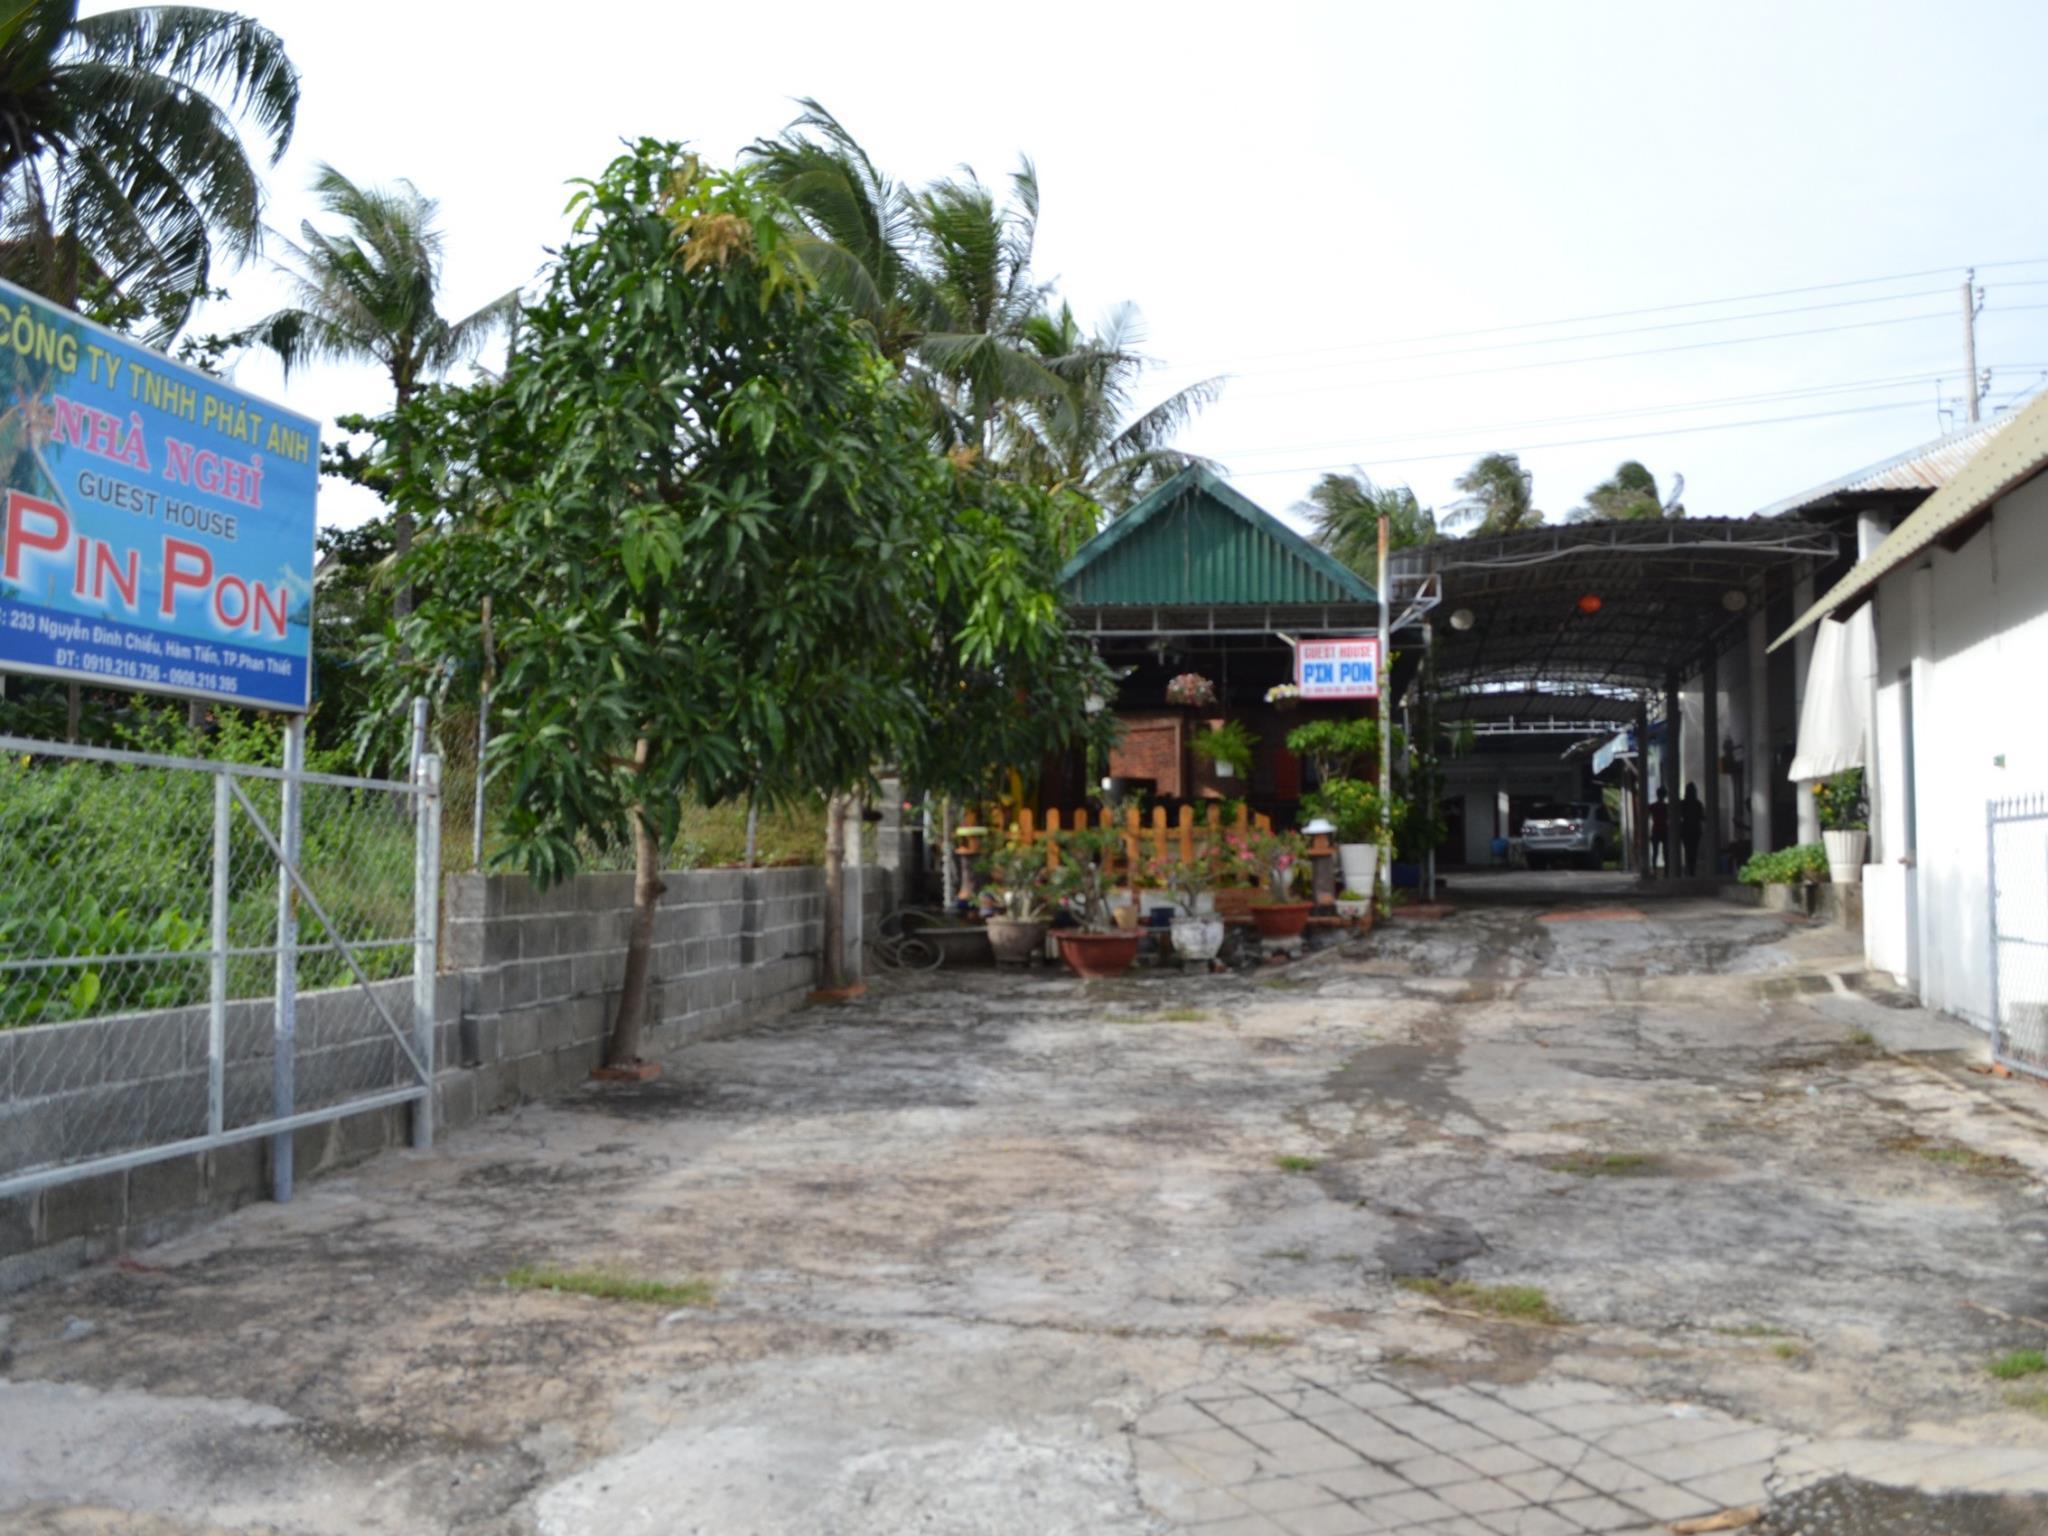 Khách Sạn Pinpon Phan Thiết